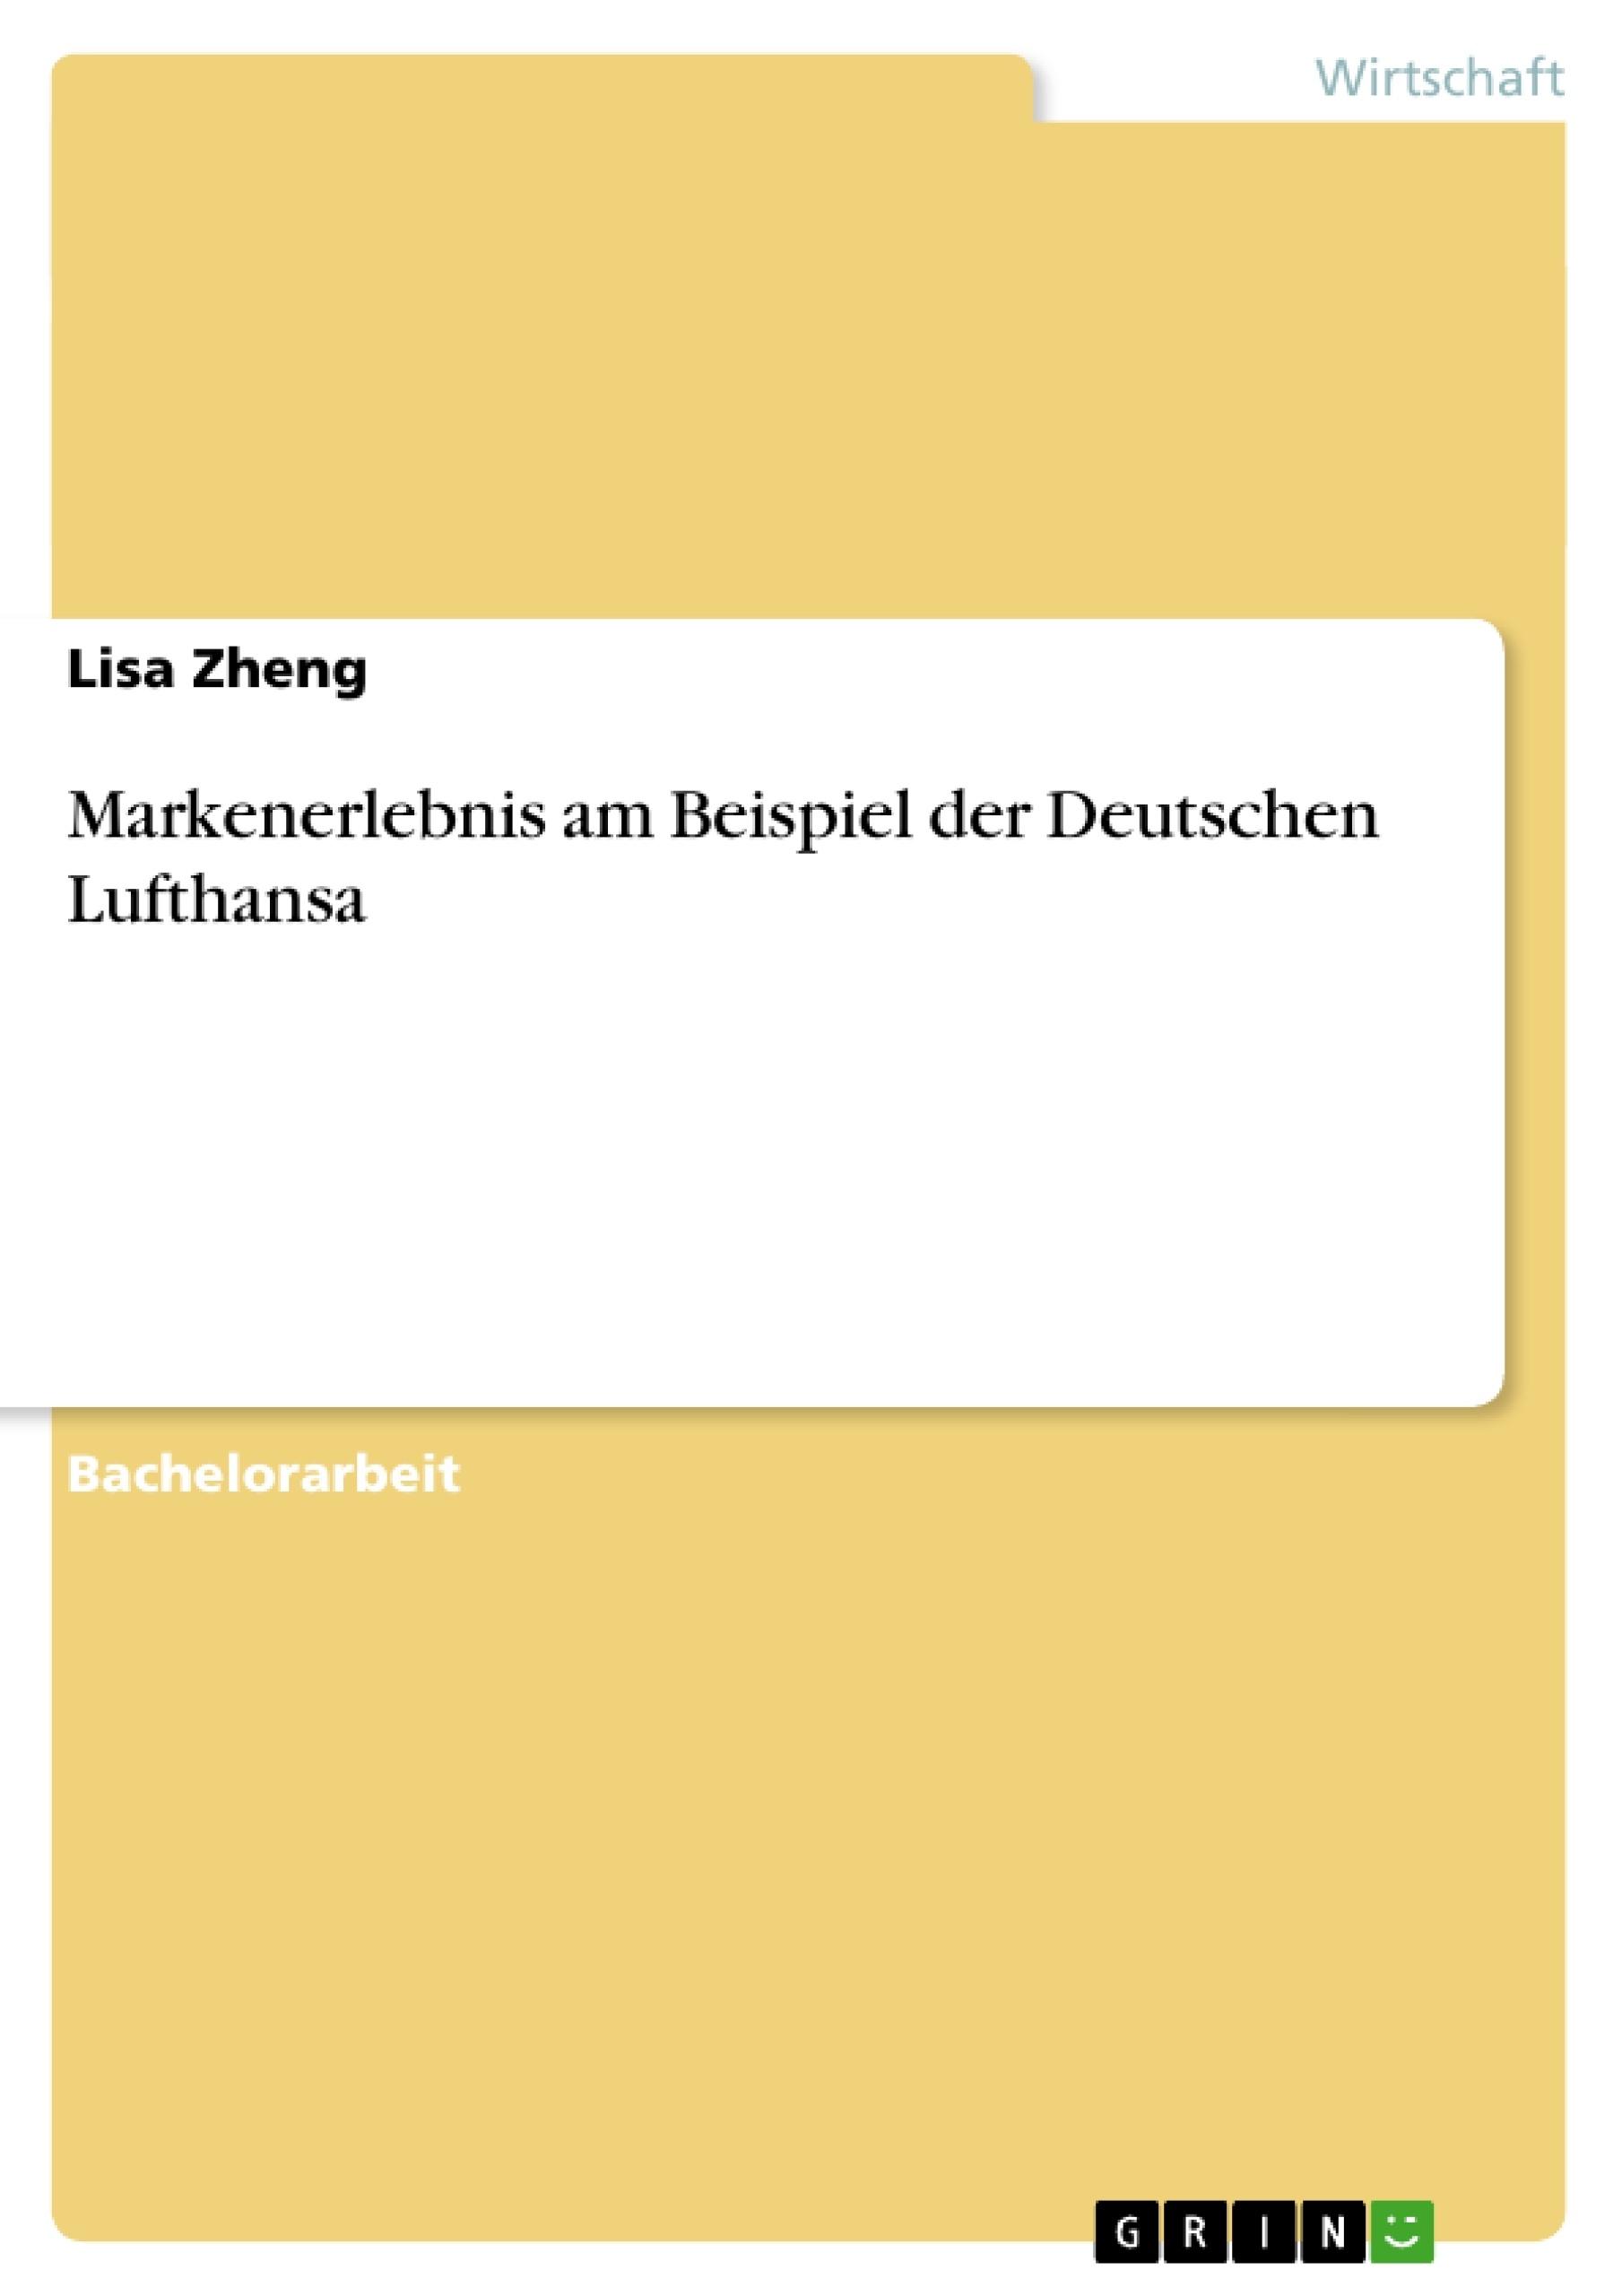 Titel: Markenerlebnis am Beispiel der Deutschen Lufthansa